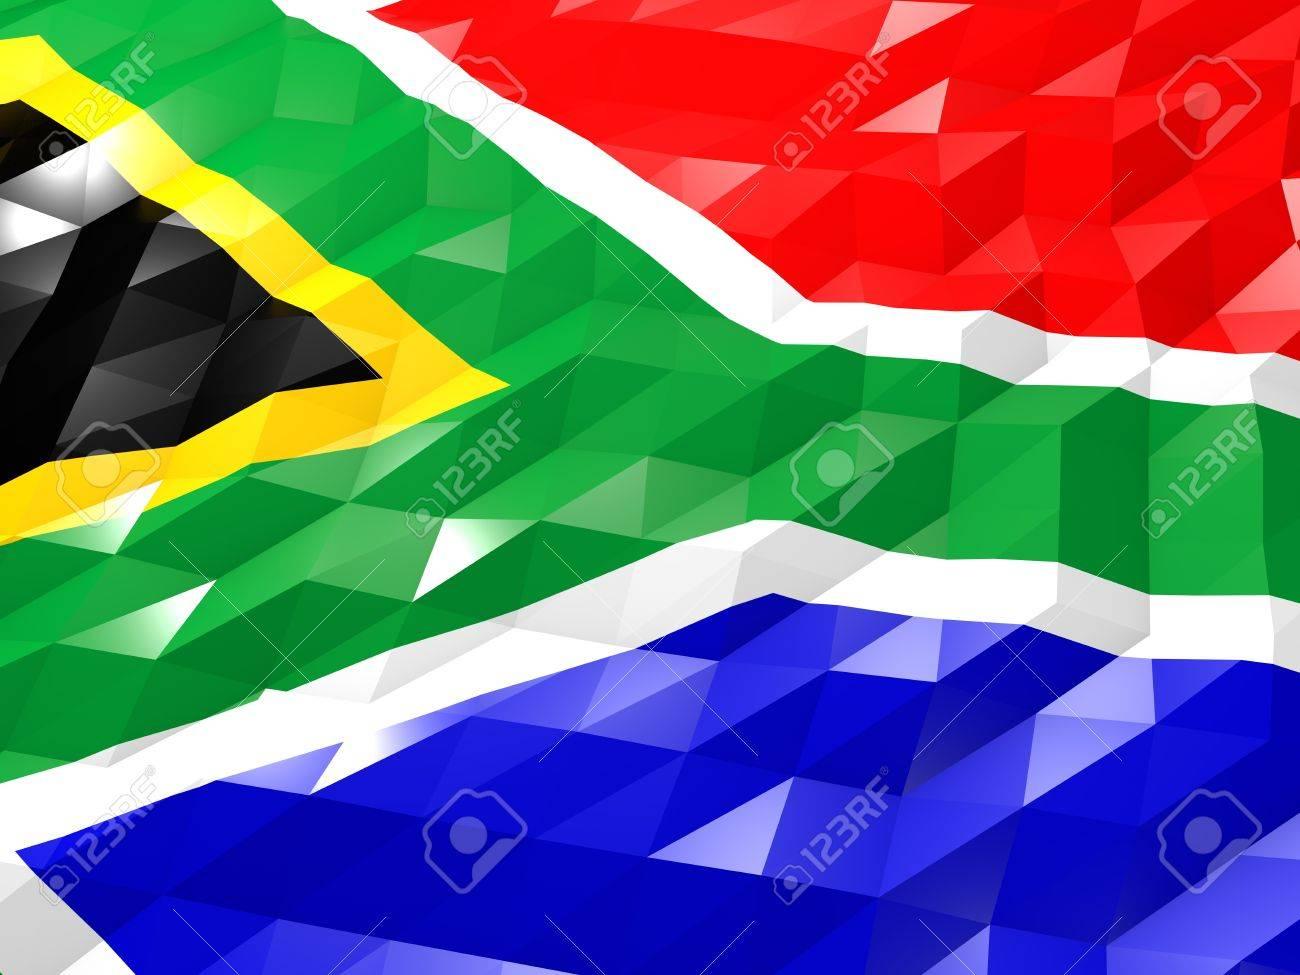 Flag Of South Africa 3d Wallpaper Illustration National Symbol